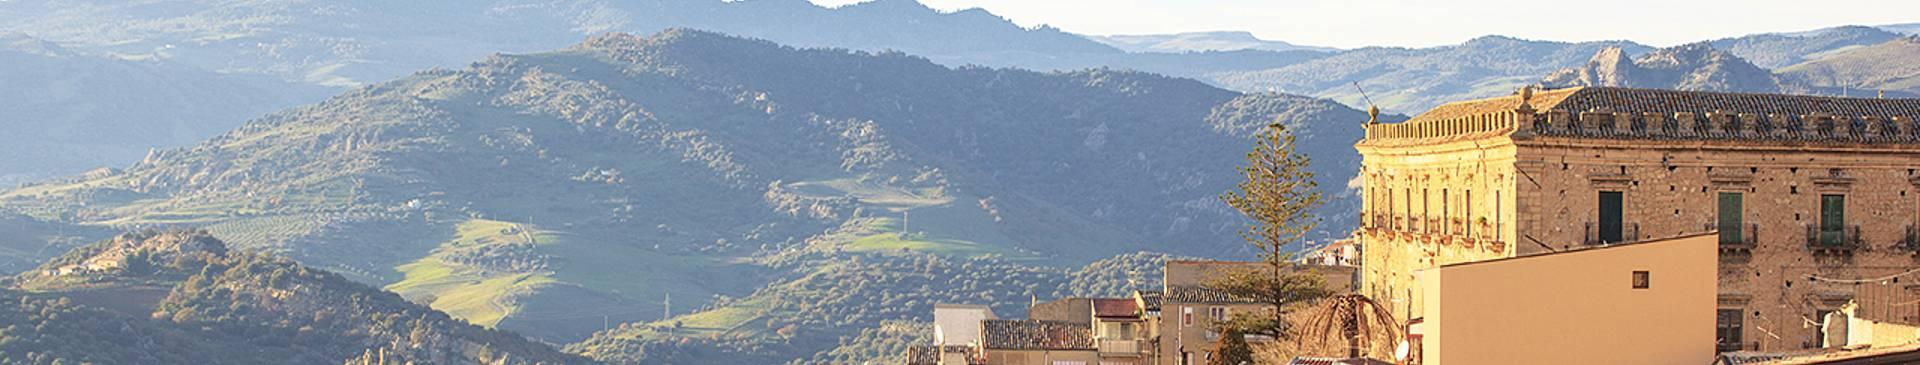 Viajes a Sicilia en otoño